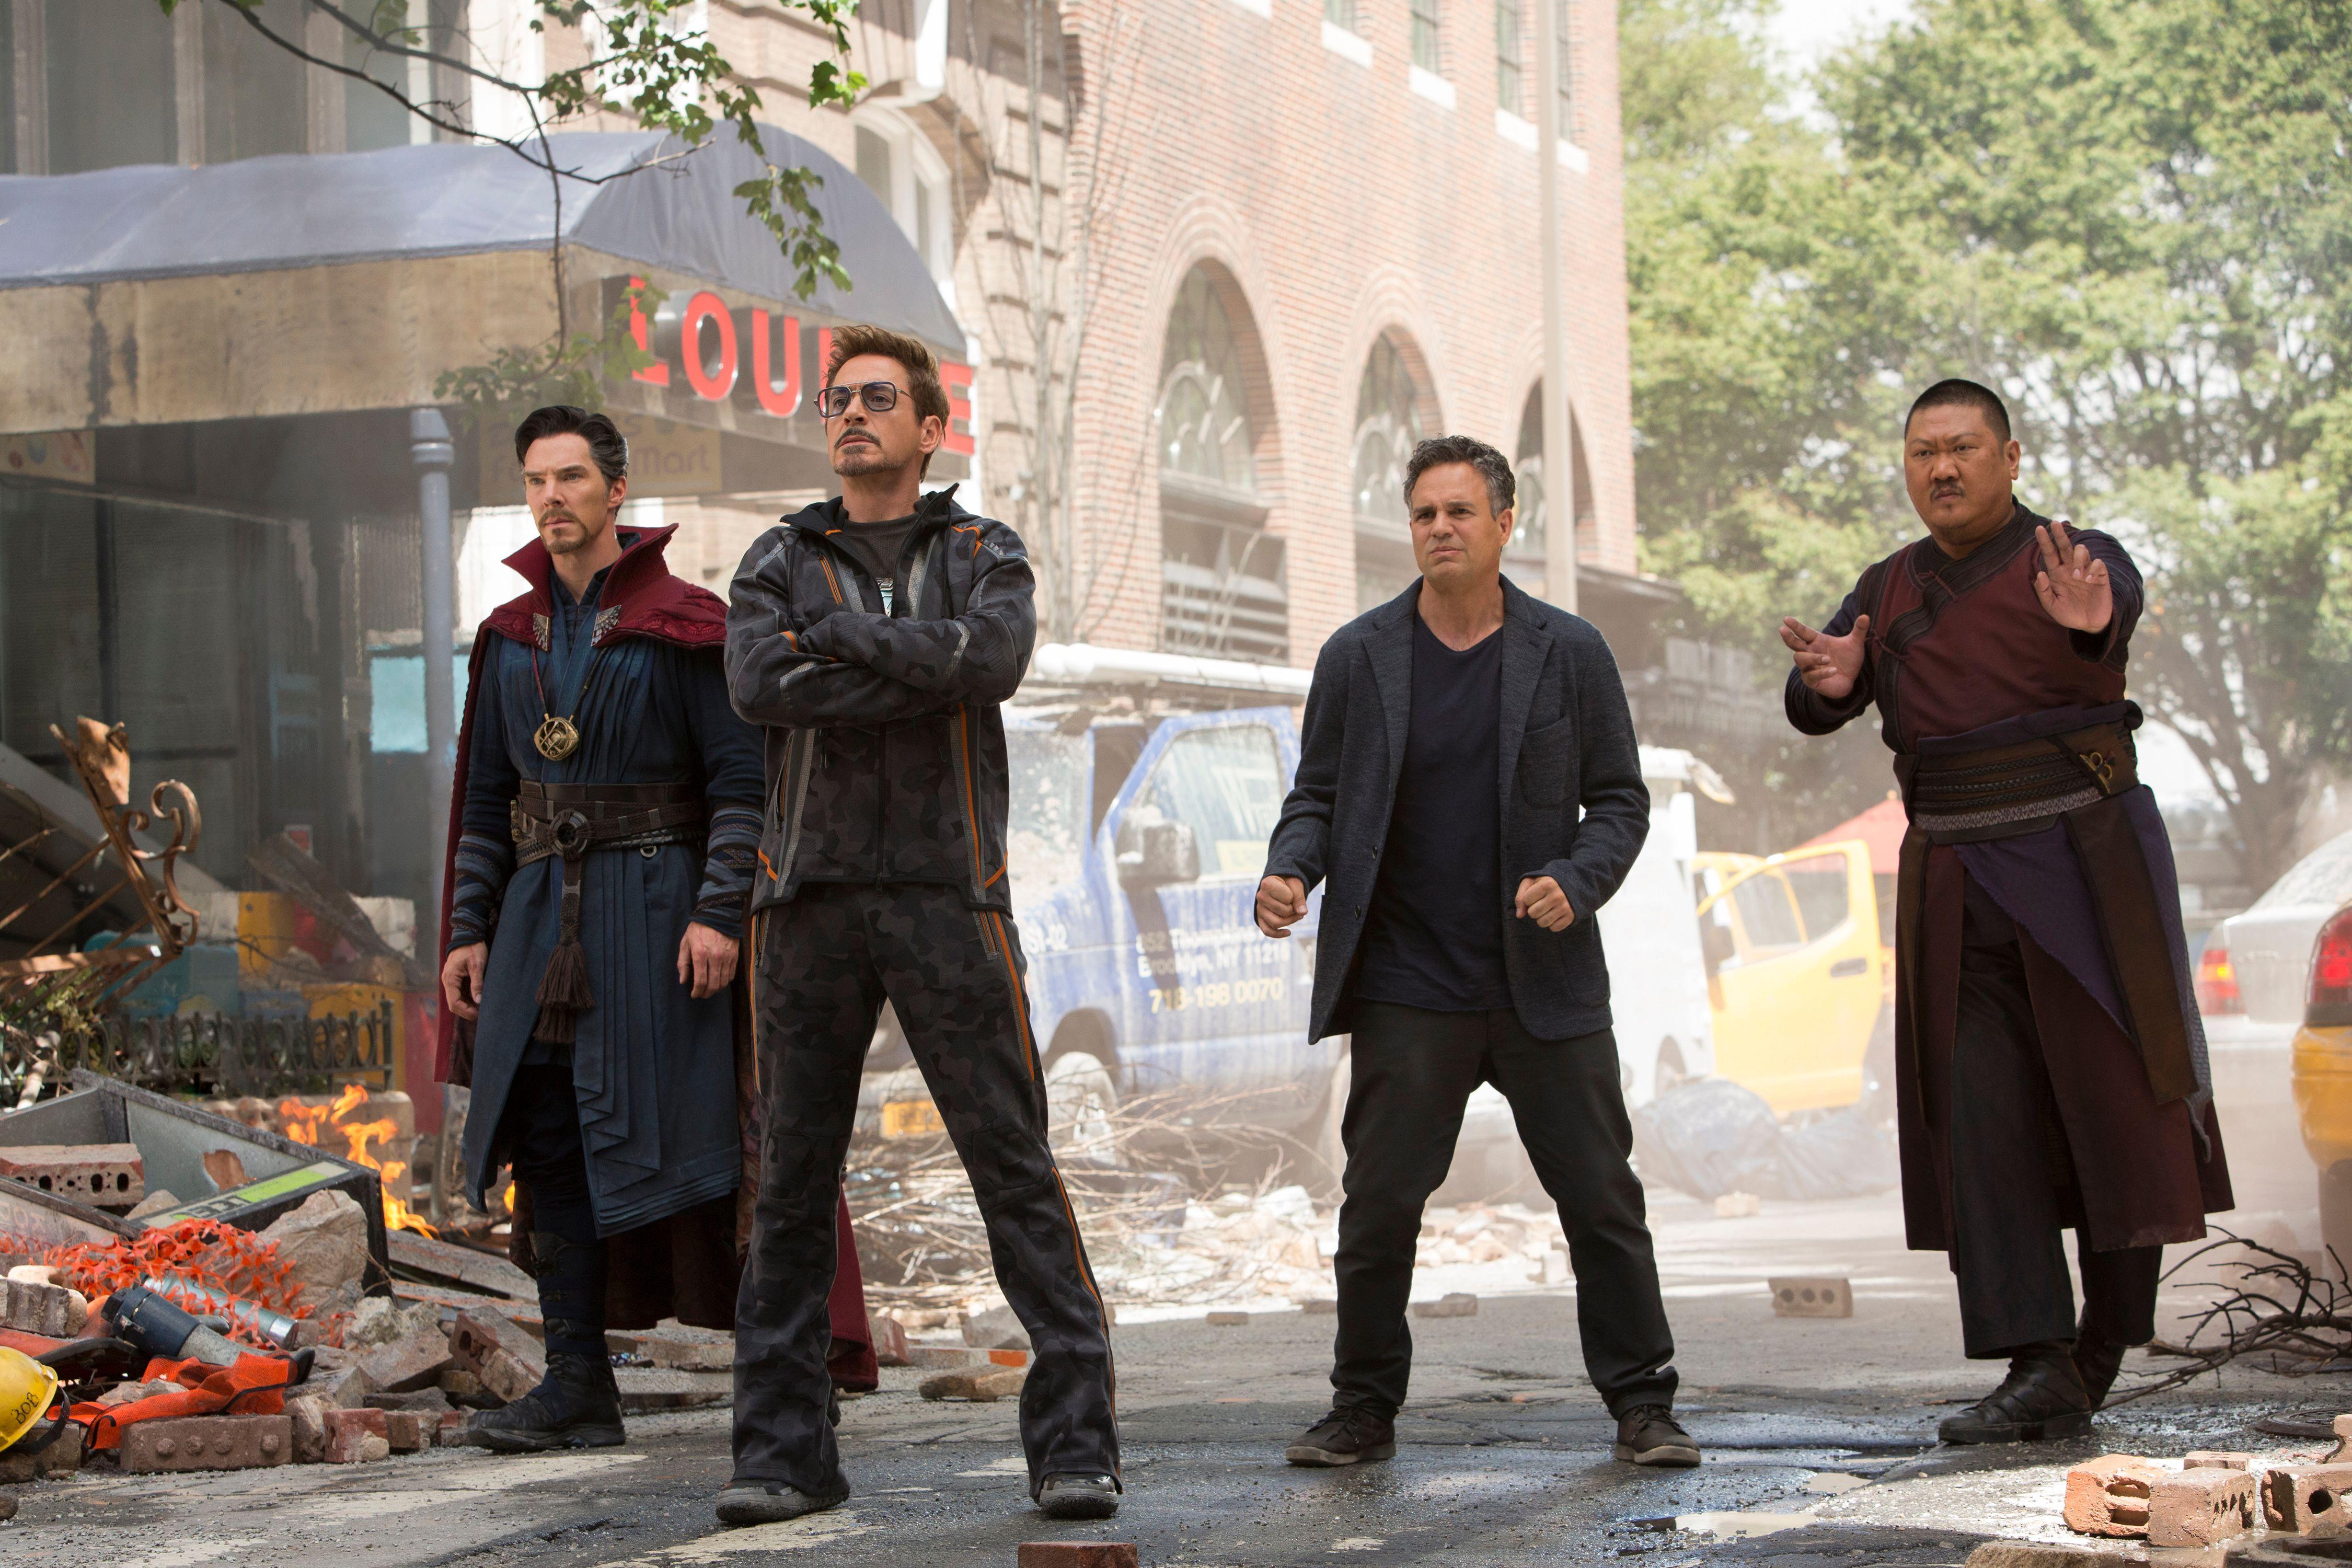 636588232104719602-avengers.jpg